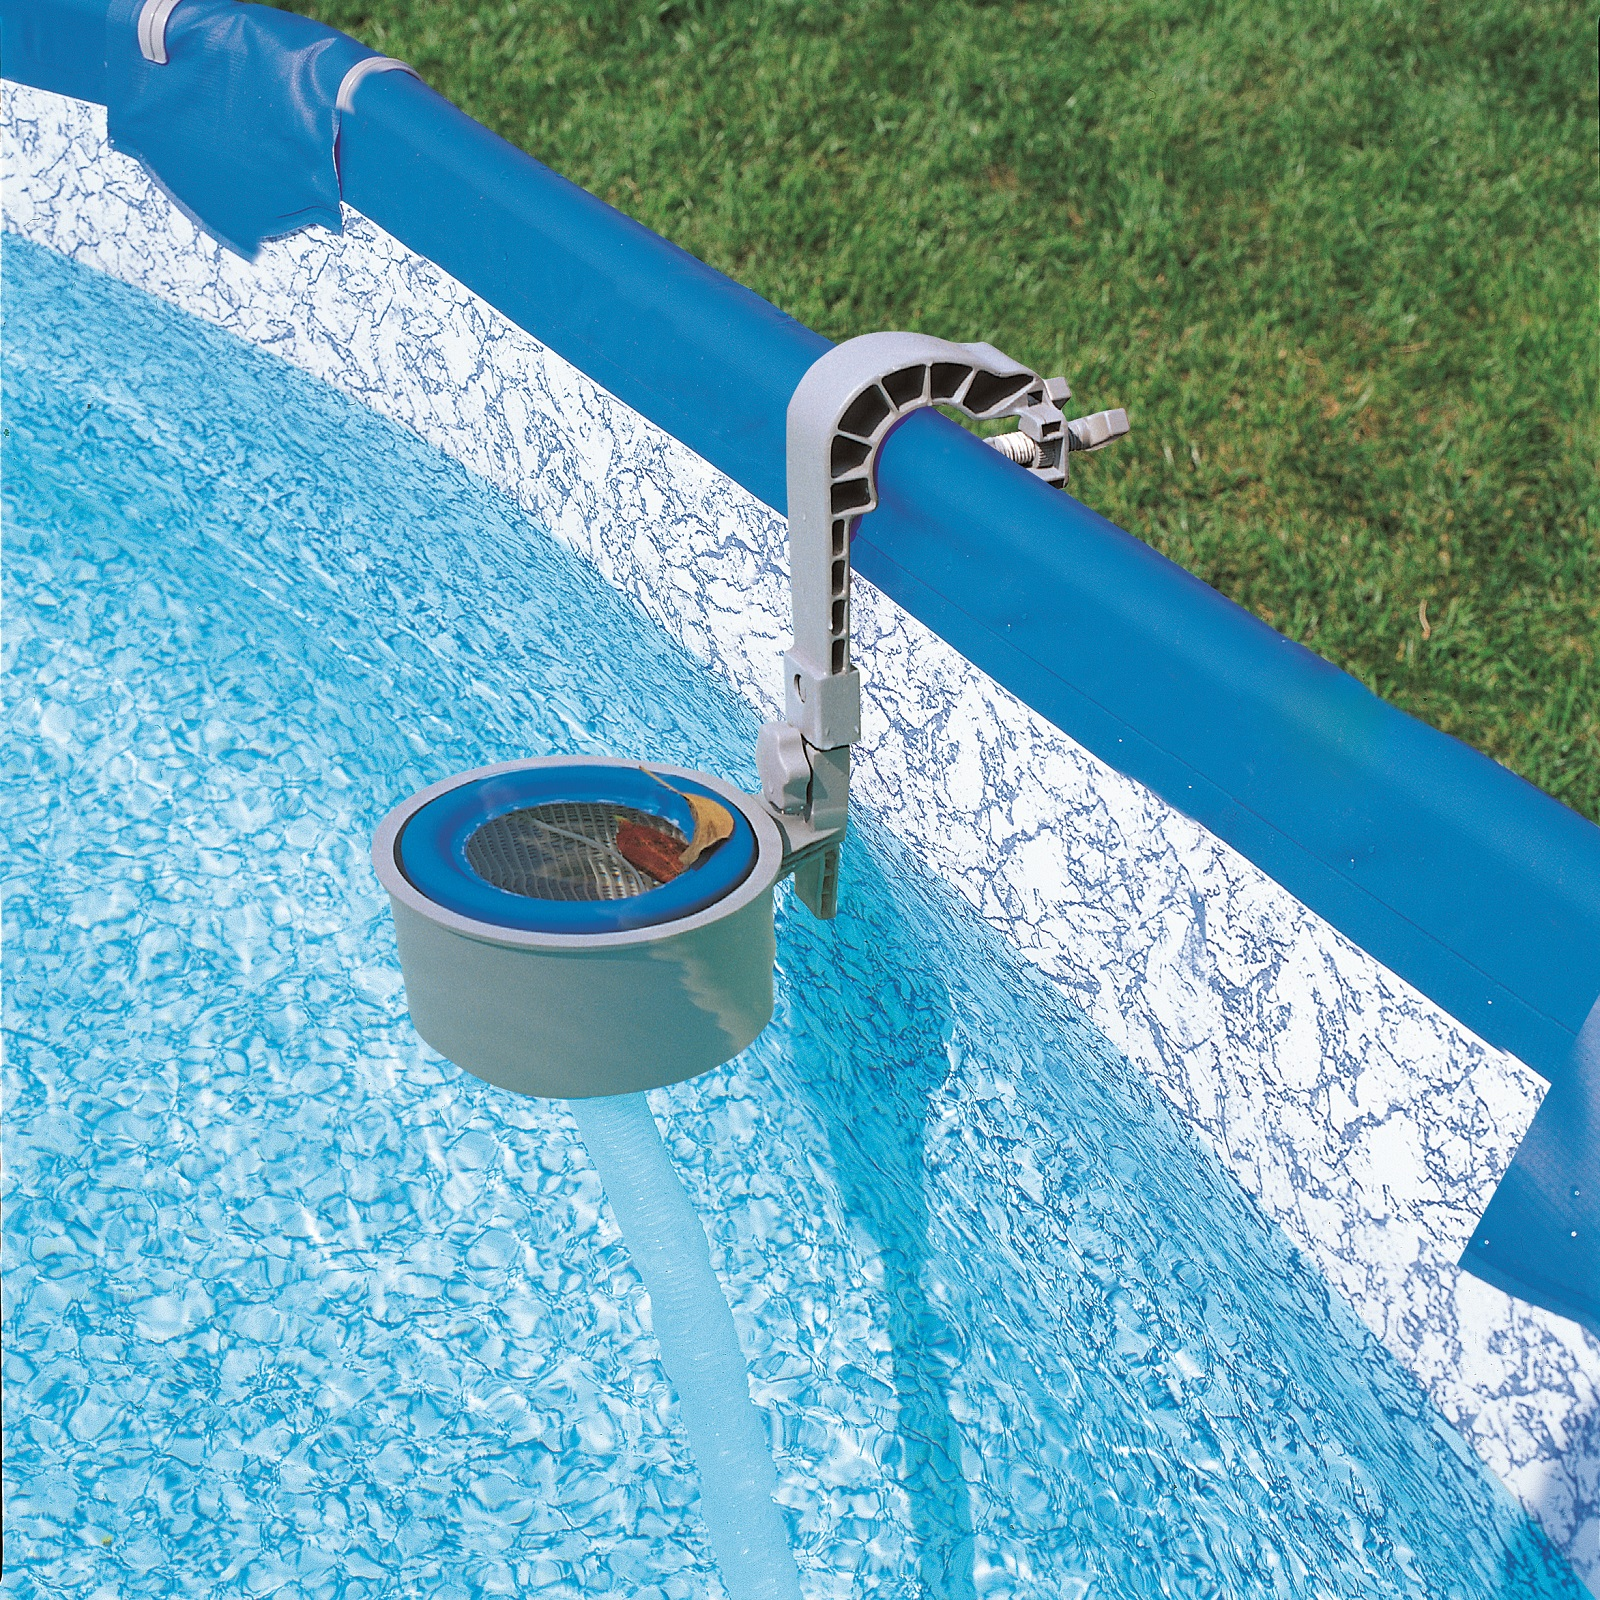 bestway pool skimmer pools 58233 einh ngeskimmer oberfl chenskimmer ebay. Black Bedroom Furniture Sets. Home Design Ideas